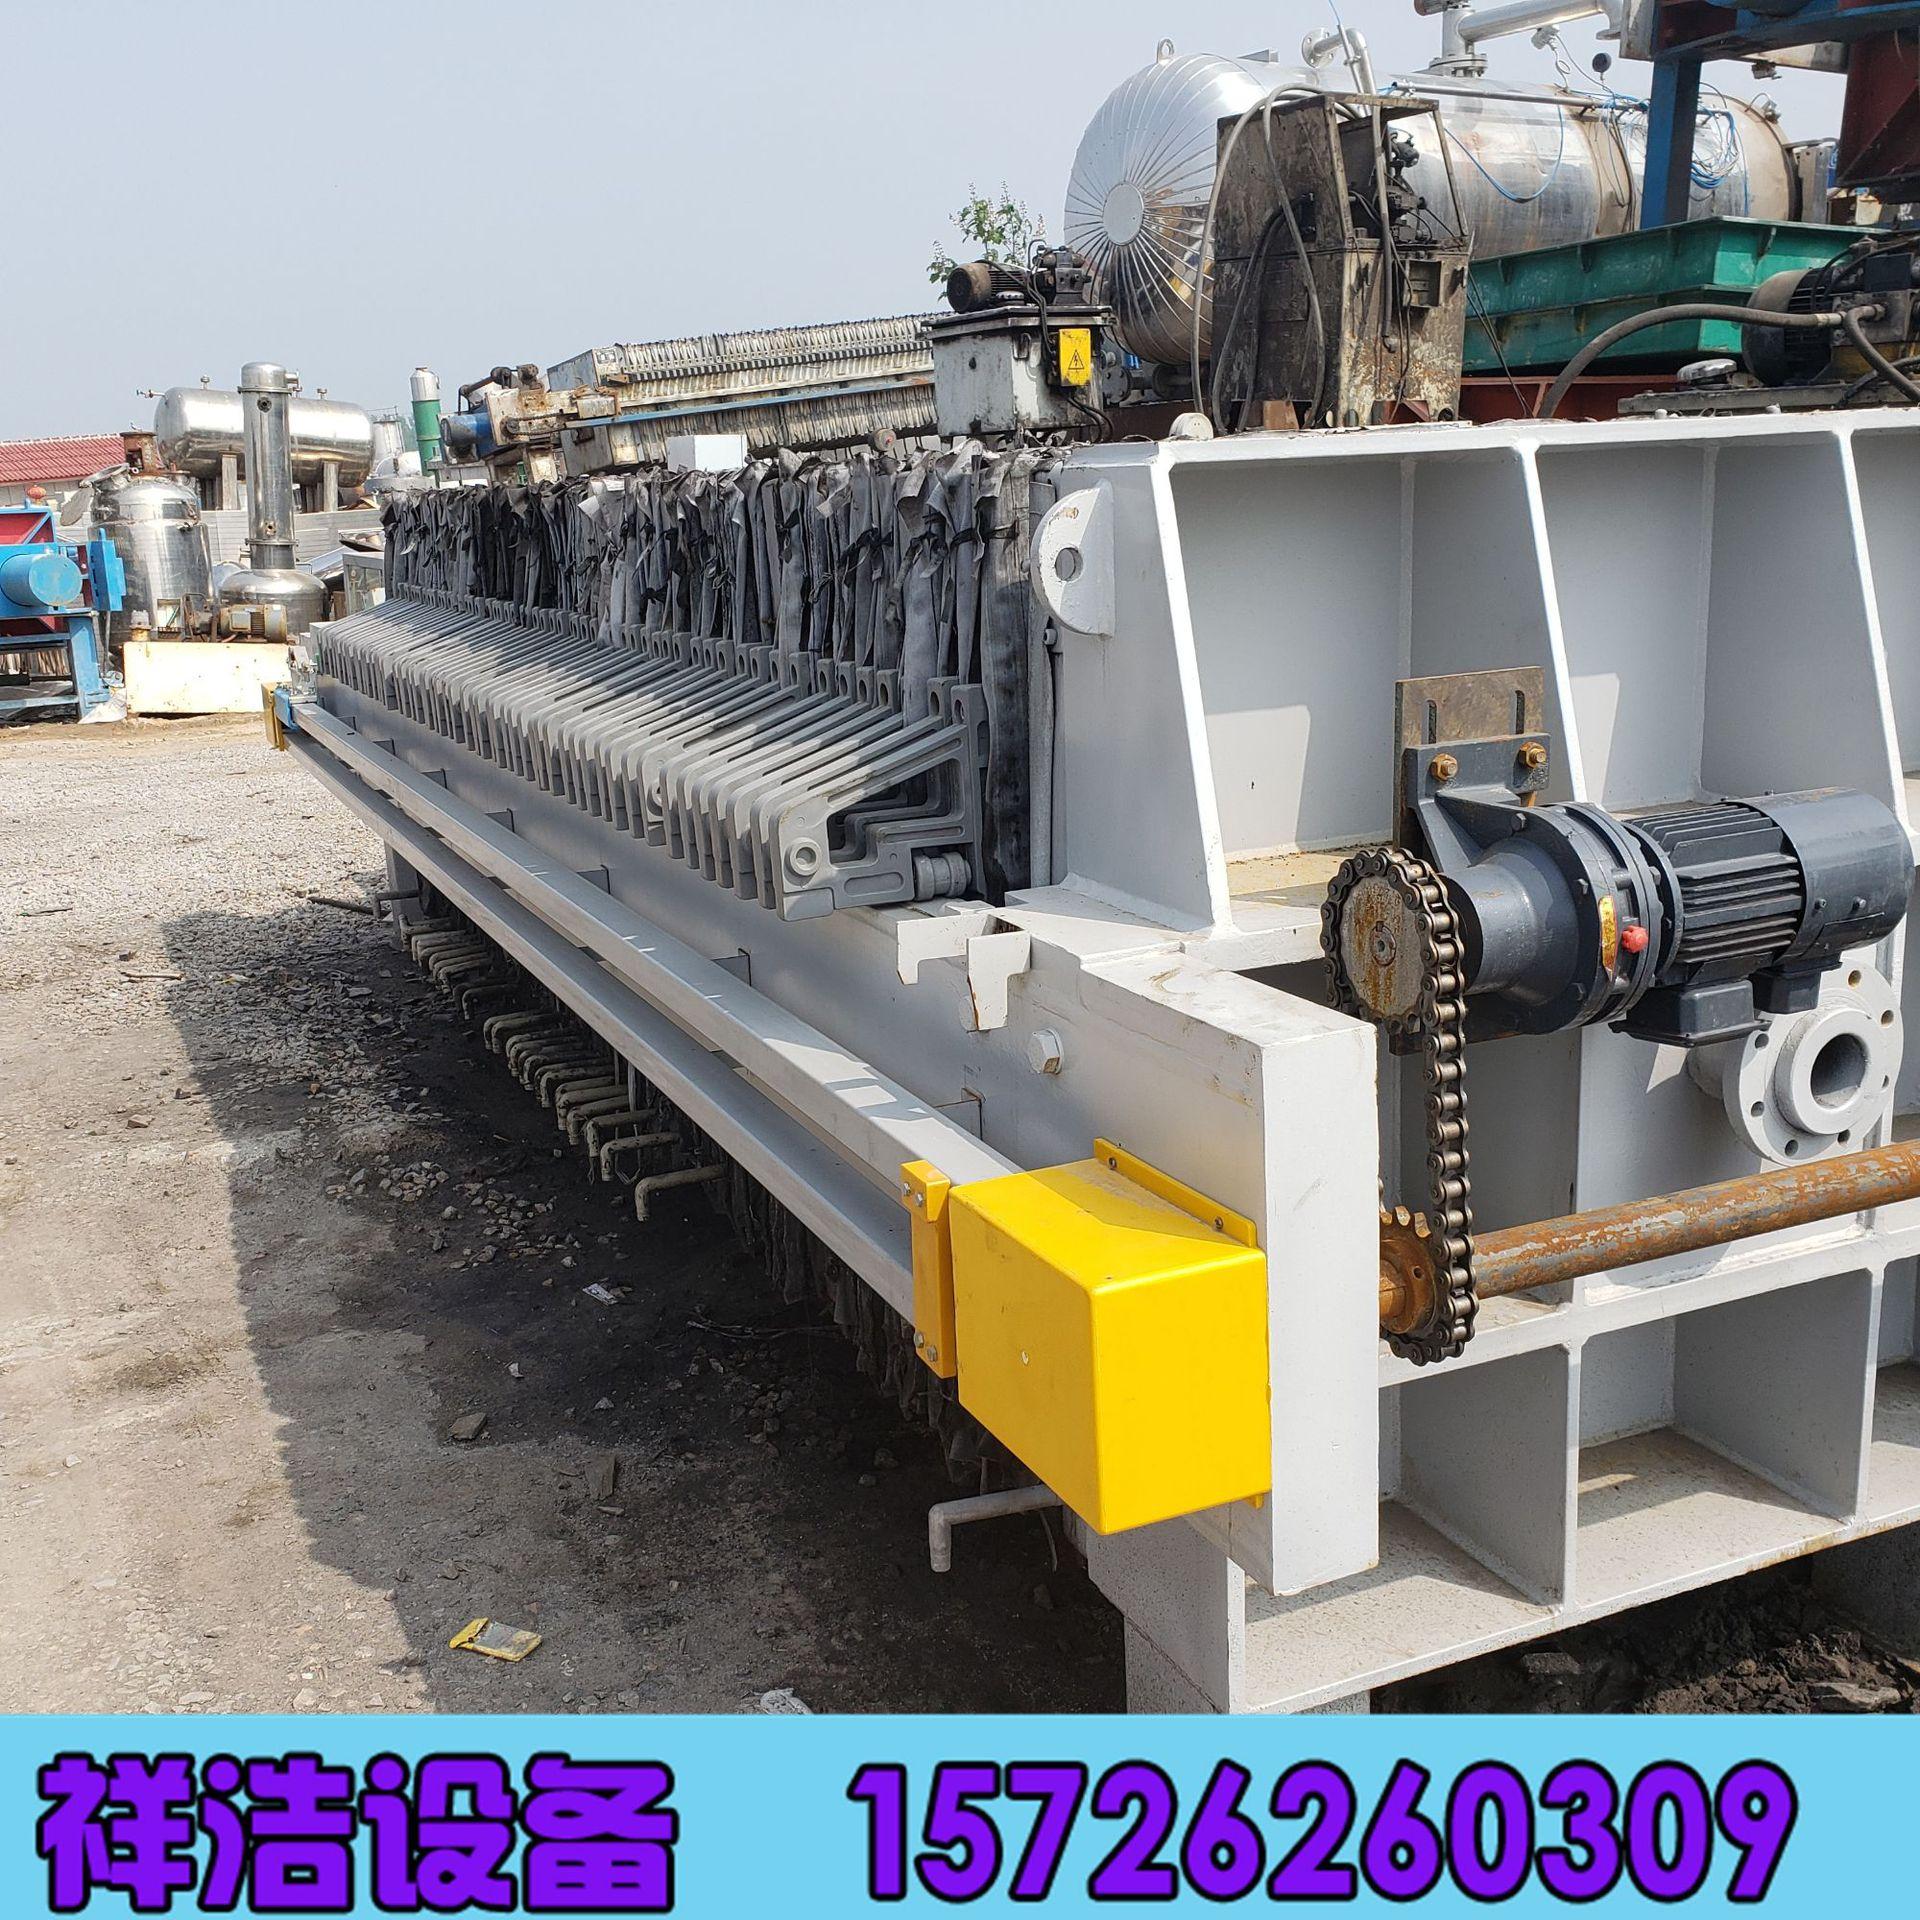 廠家直銷壓濾機 200平方廂式壓濾機 程控隔膜壓濾機 污泥脫水設備示例圖1